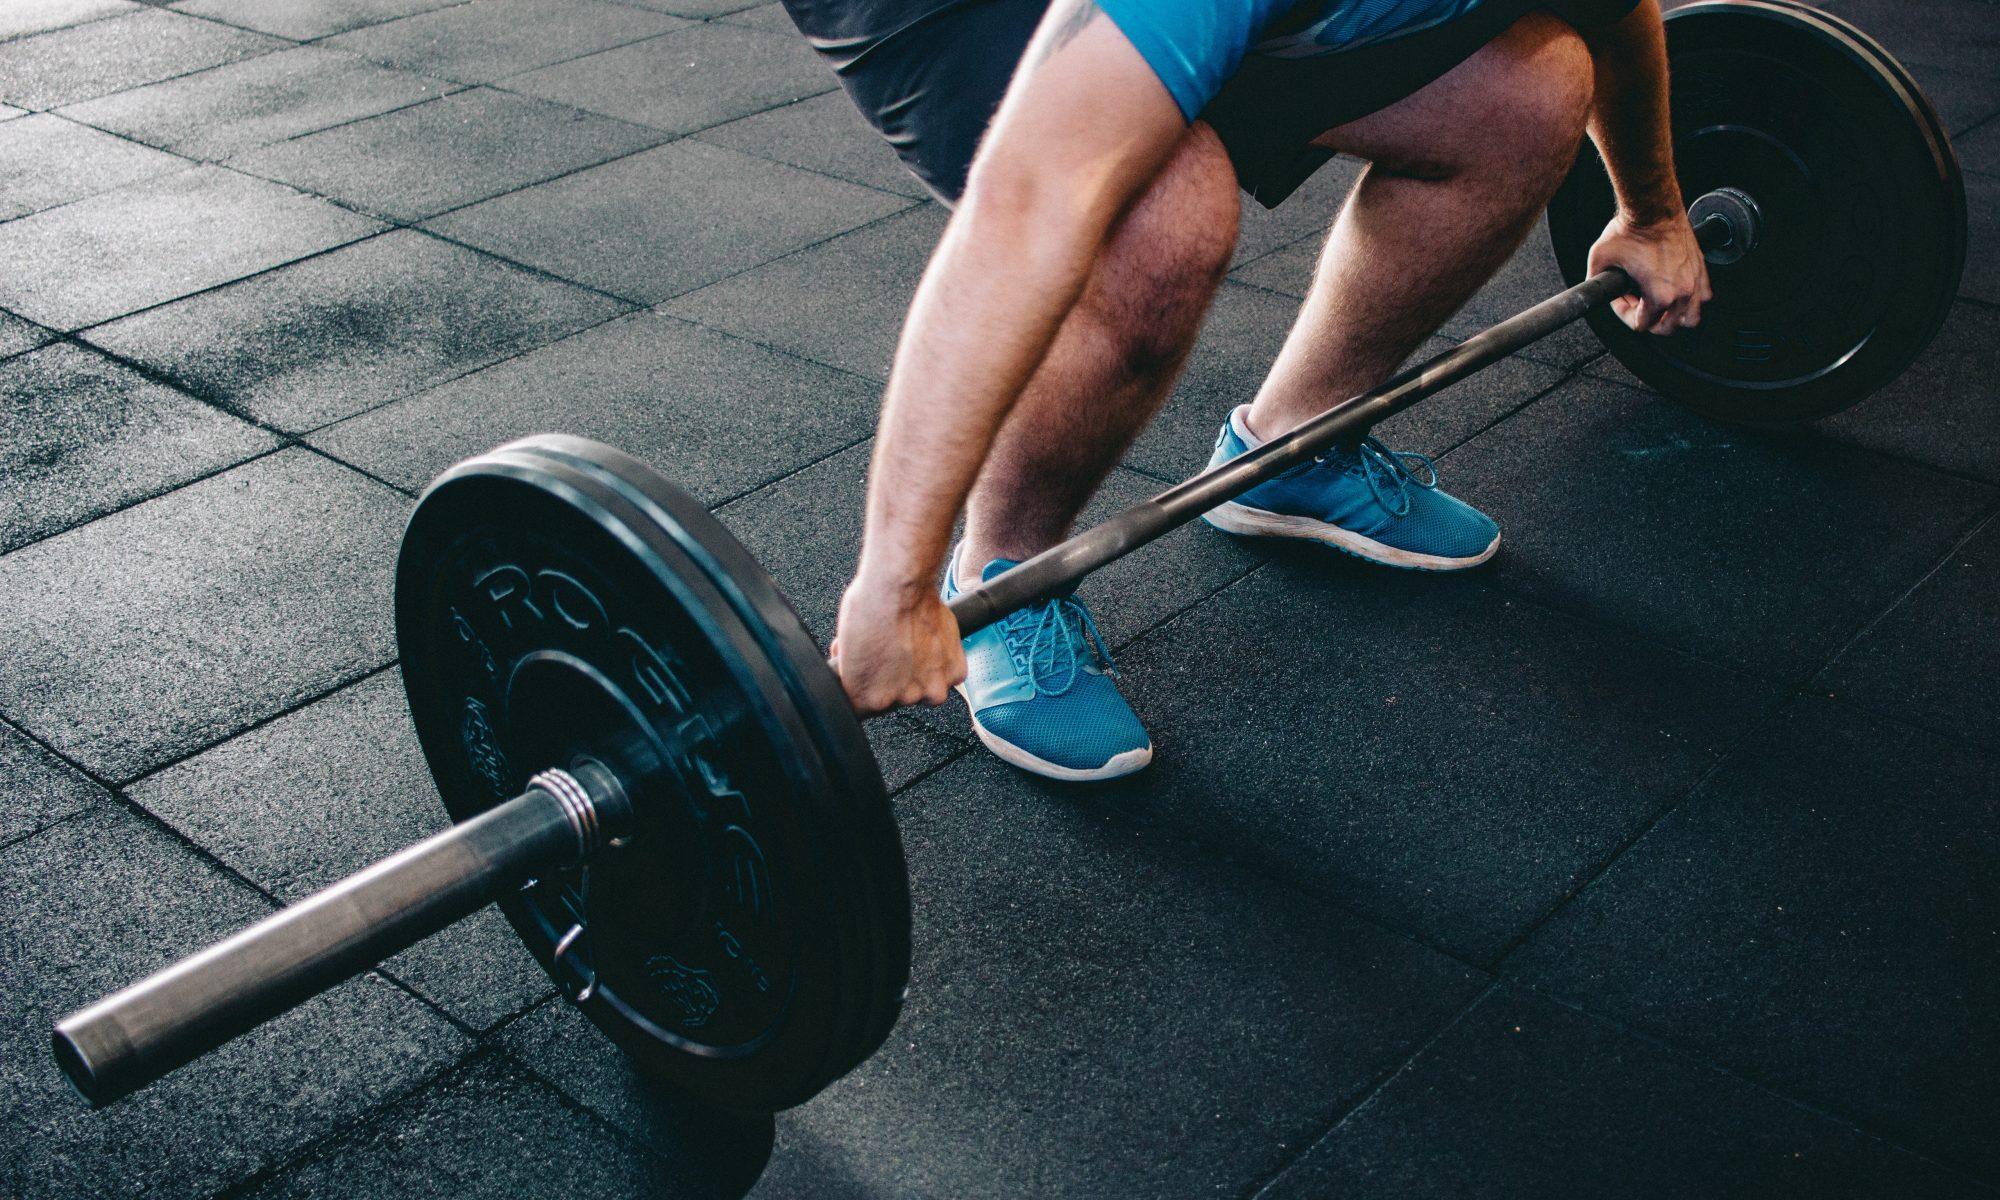 Los Pesos muertos llegan a trabajar cada musculo del cuerpo.